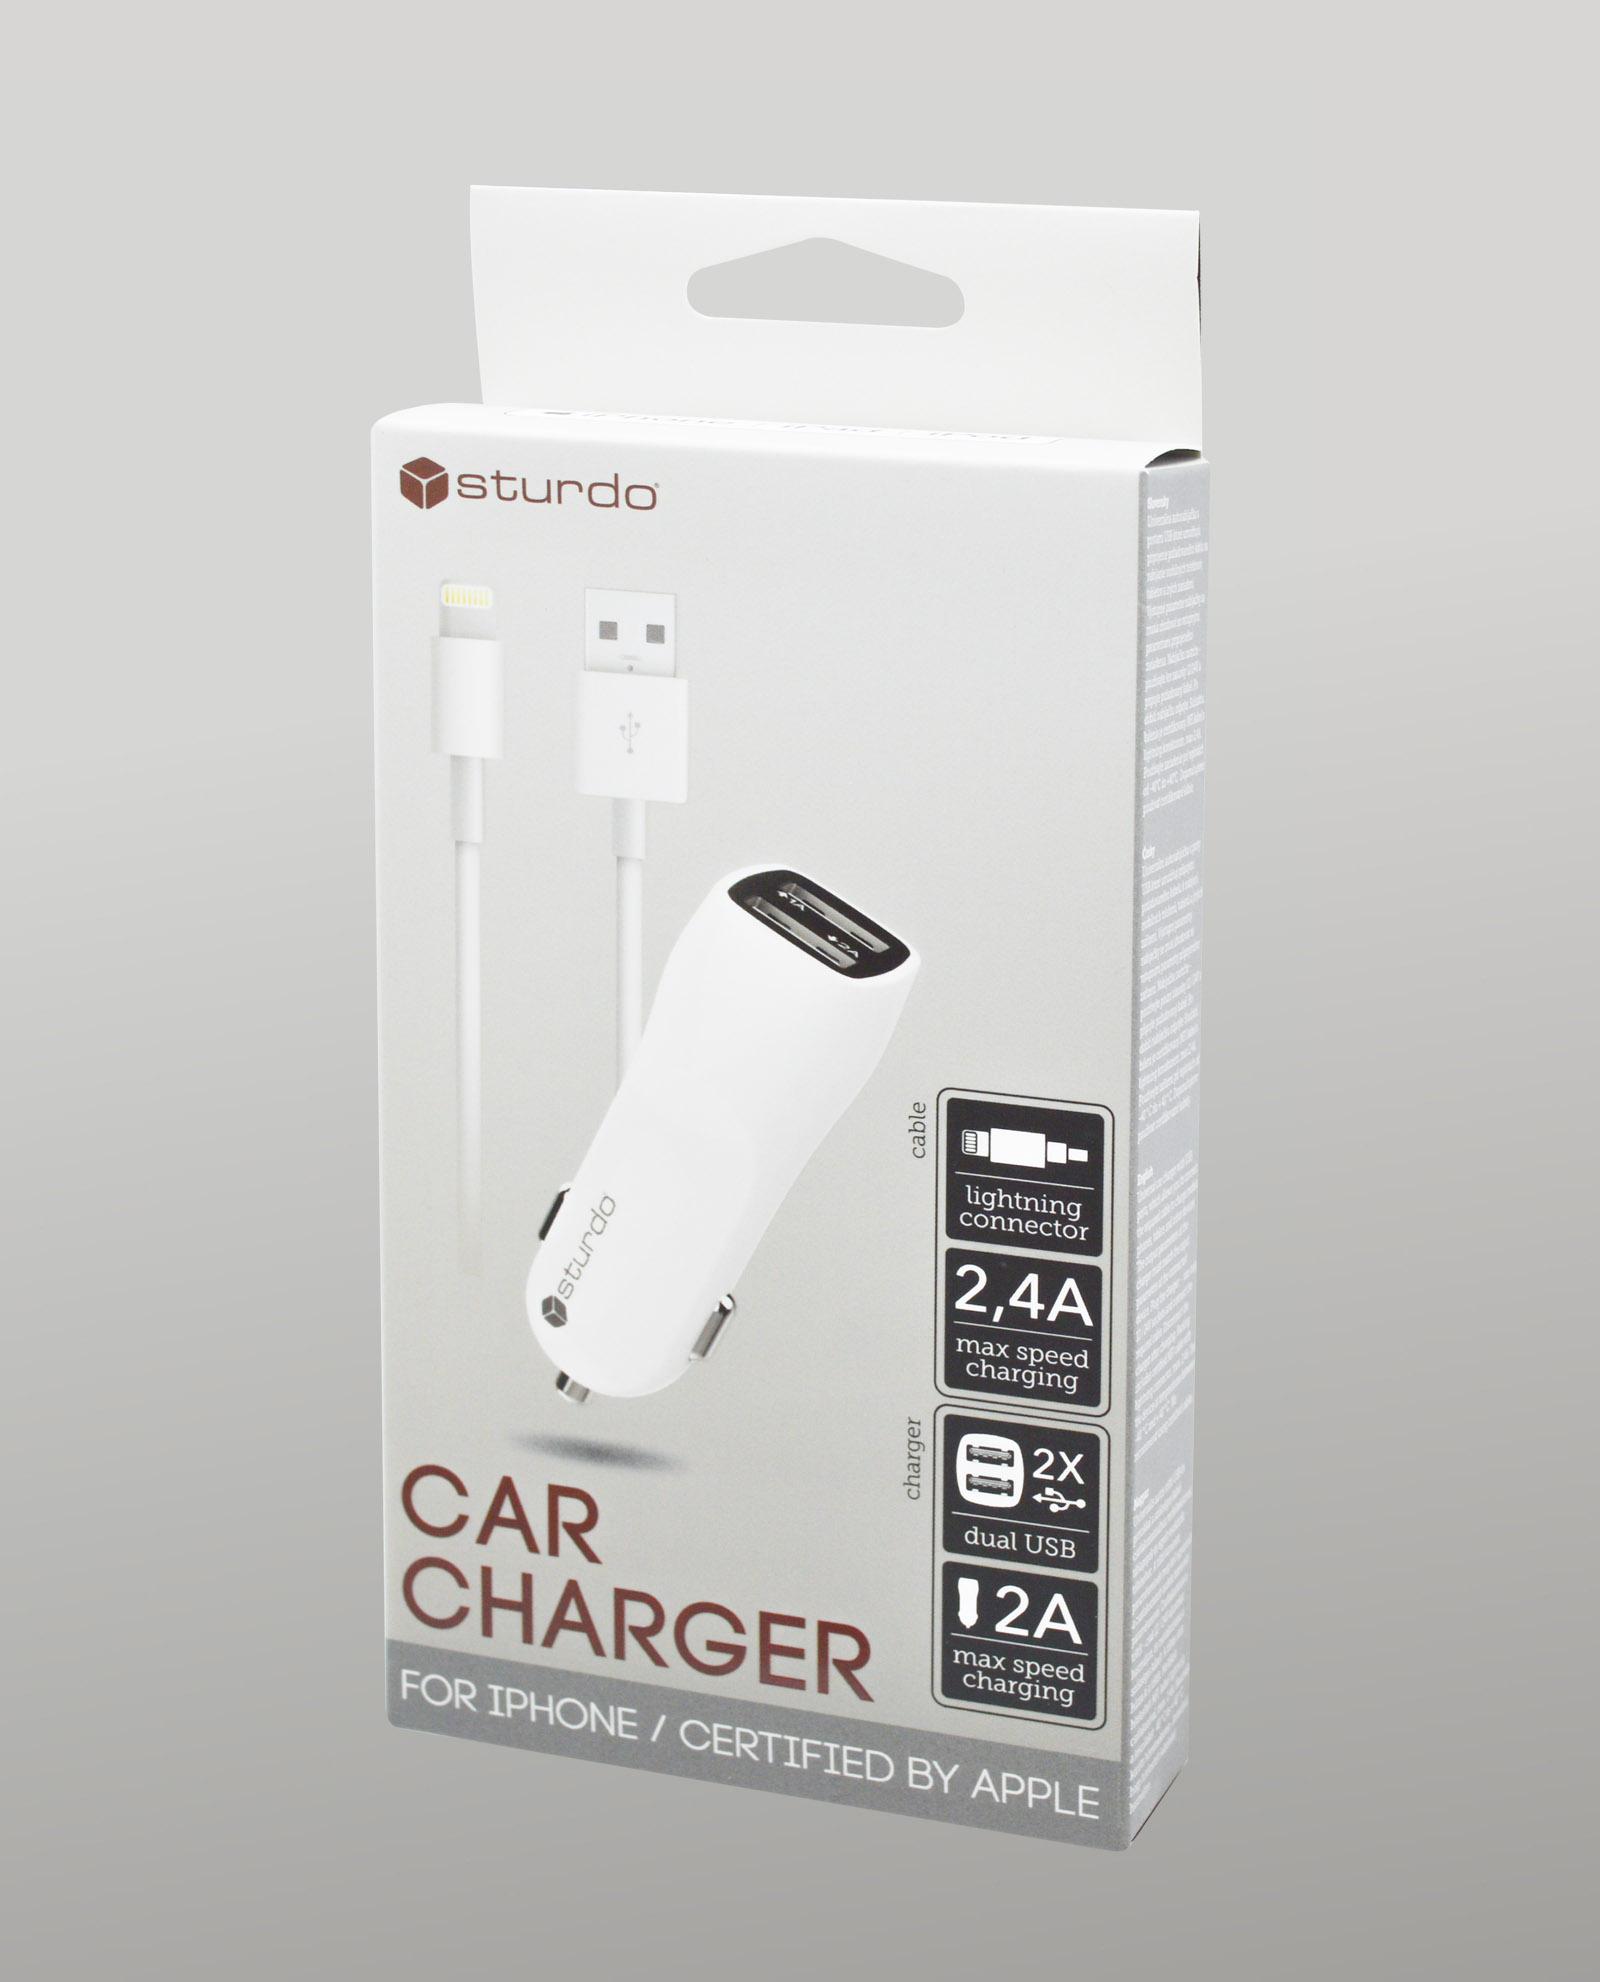 Duálna USB autonabíjačka Sturdo biela s káblom Lightning MFi – box e3fa60b868f